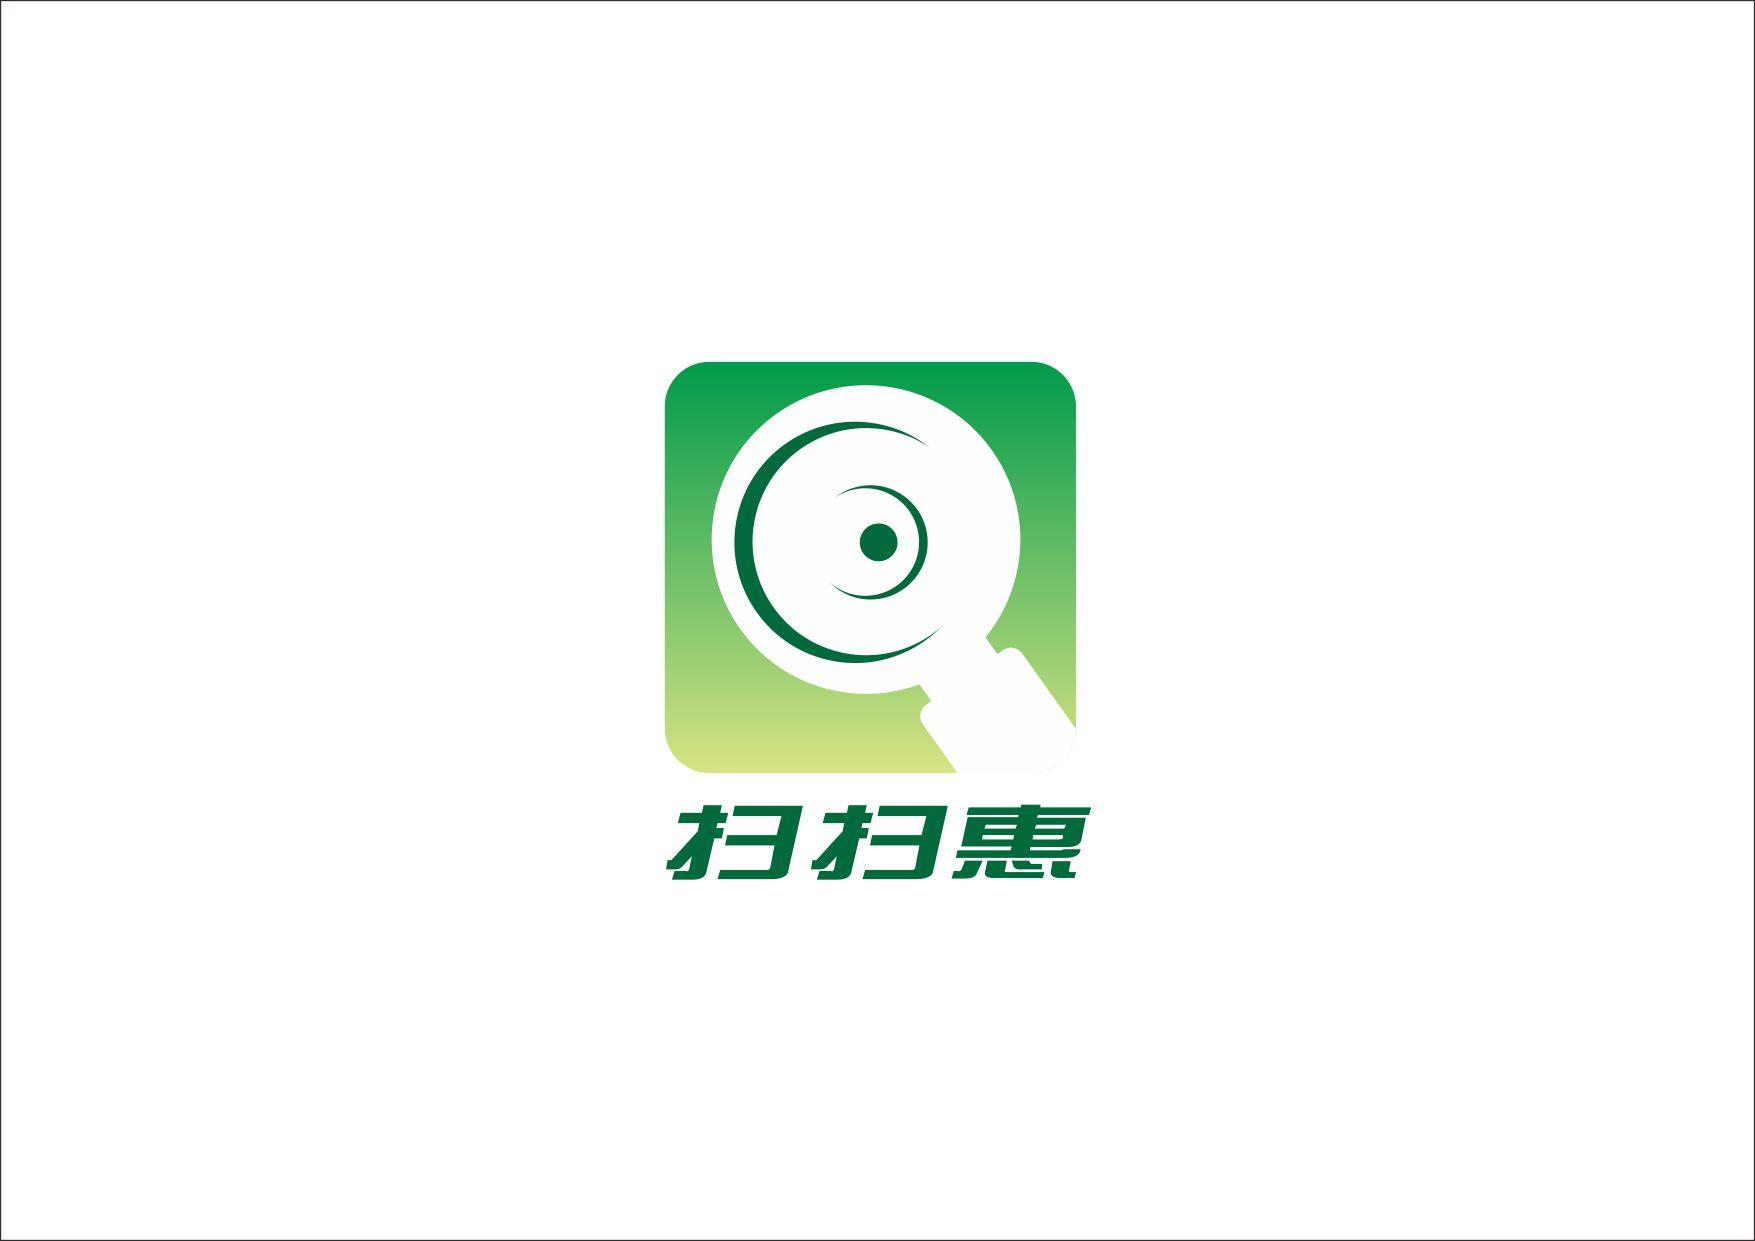 微信公众号logo及相关vi设计